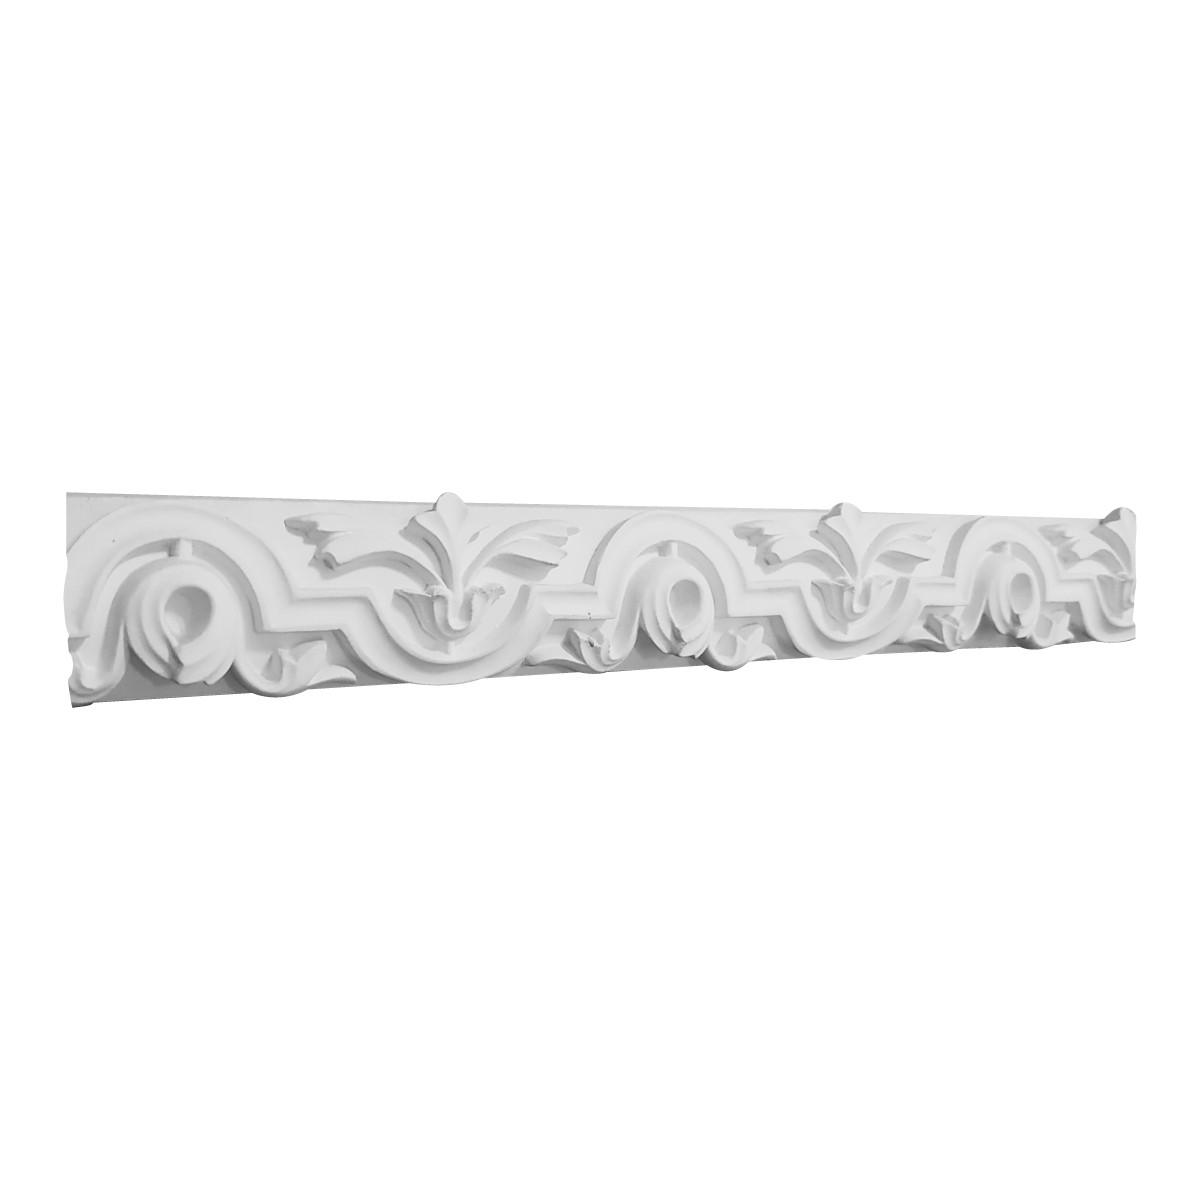 Декоративный фриз из гипса, гипсовый фриз с орнаментом Ф-21 h45 мм